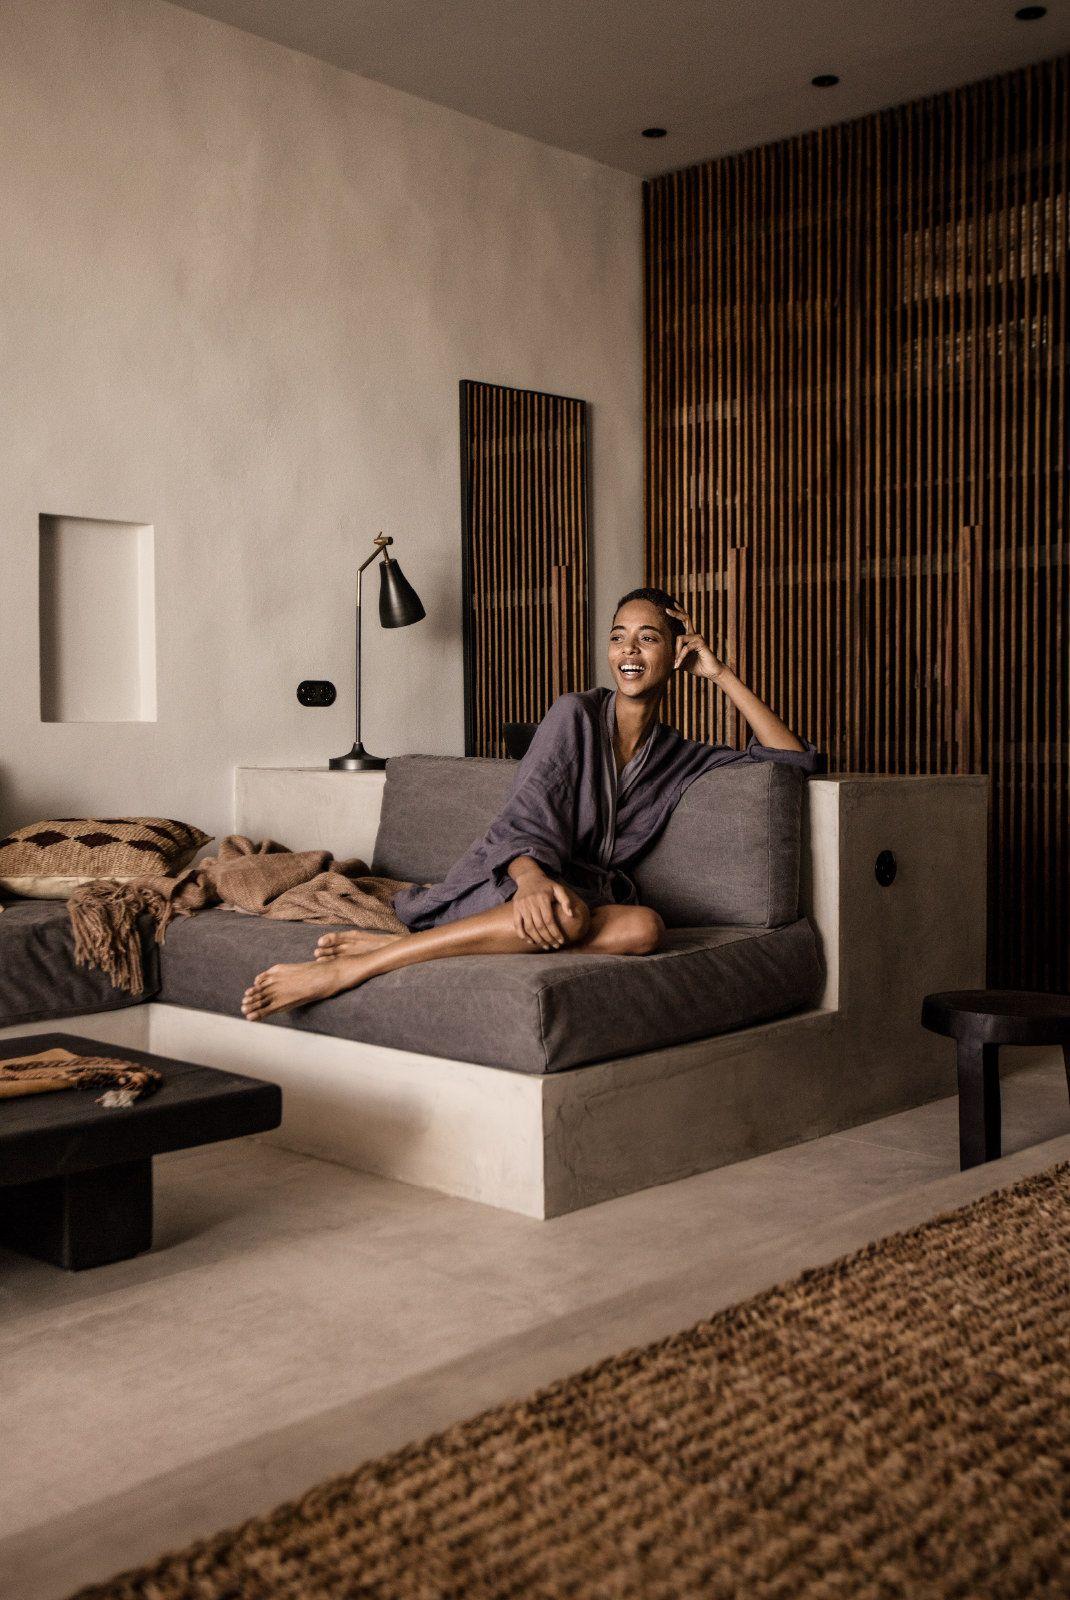 Loft bed ideas for low ceiling  Inspiration déco  La décoration ethnique et wabi sabi  Wabi sabi